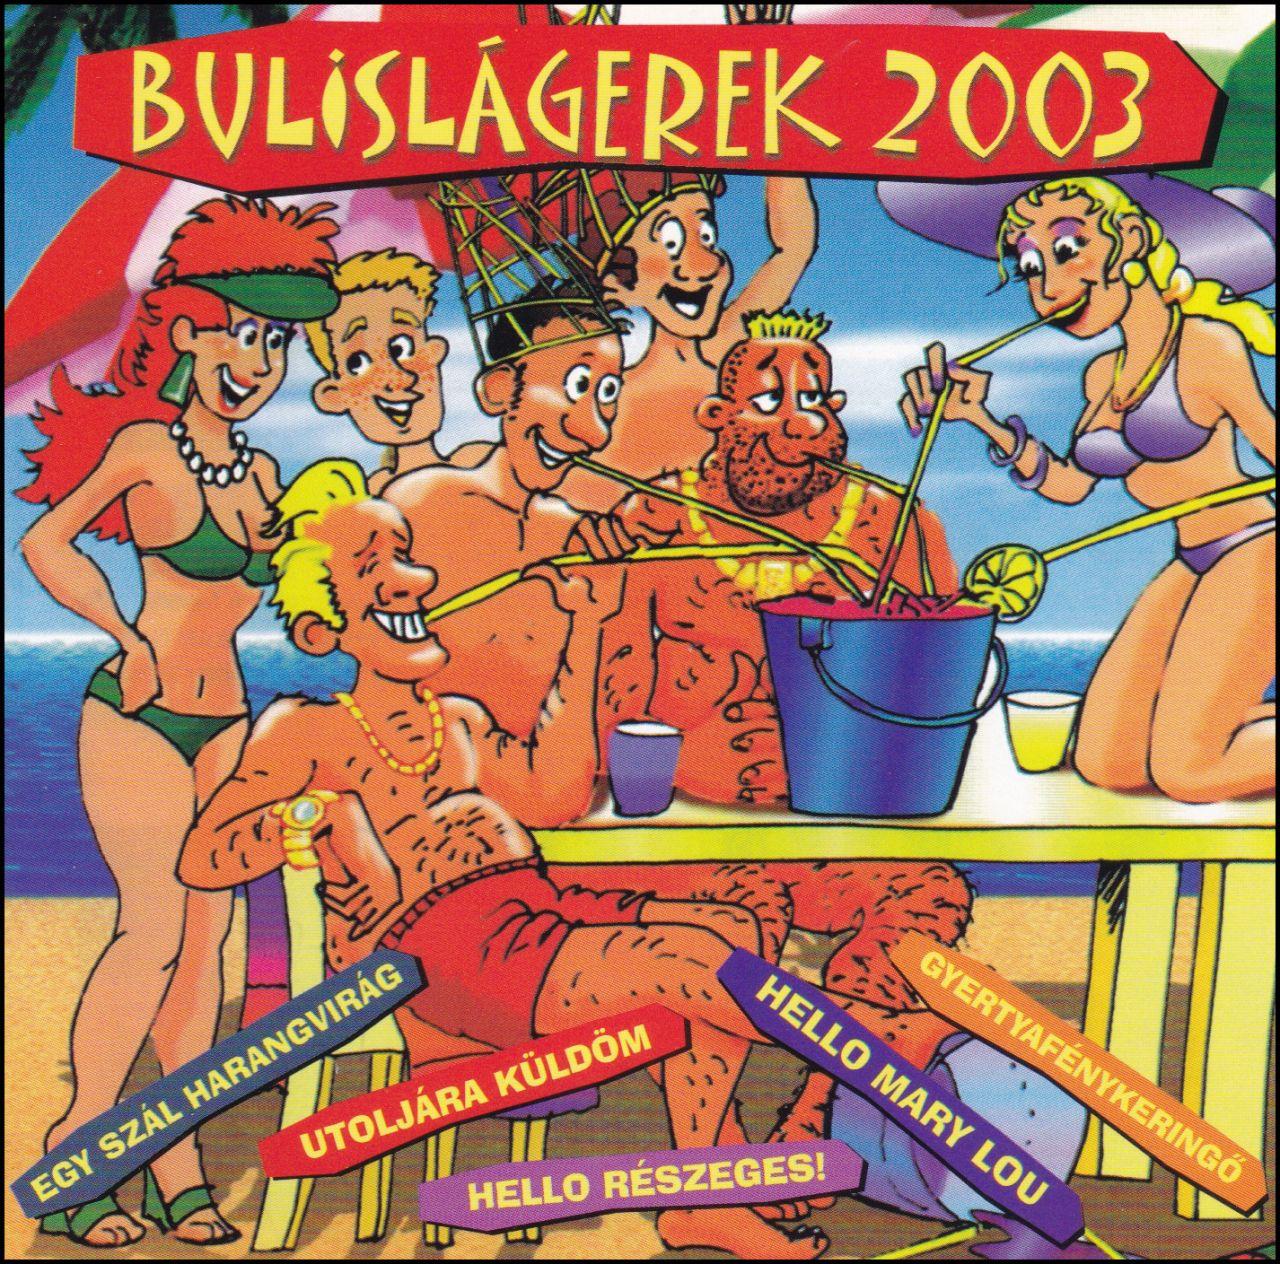 Bulislágerek 2003 (CD)